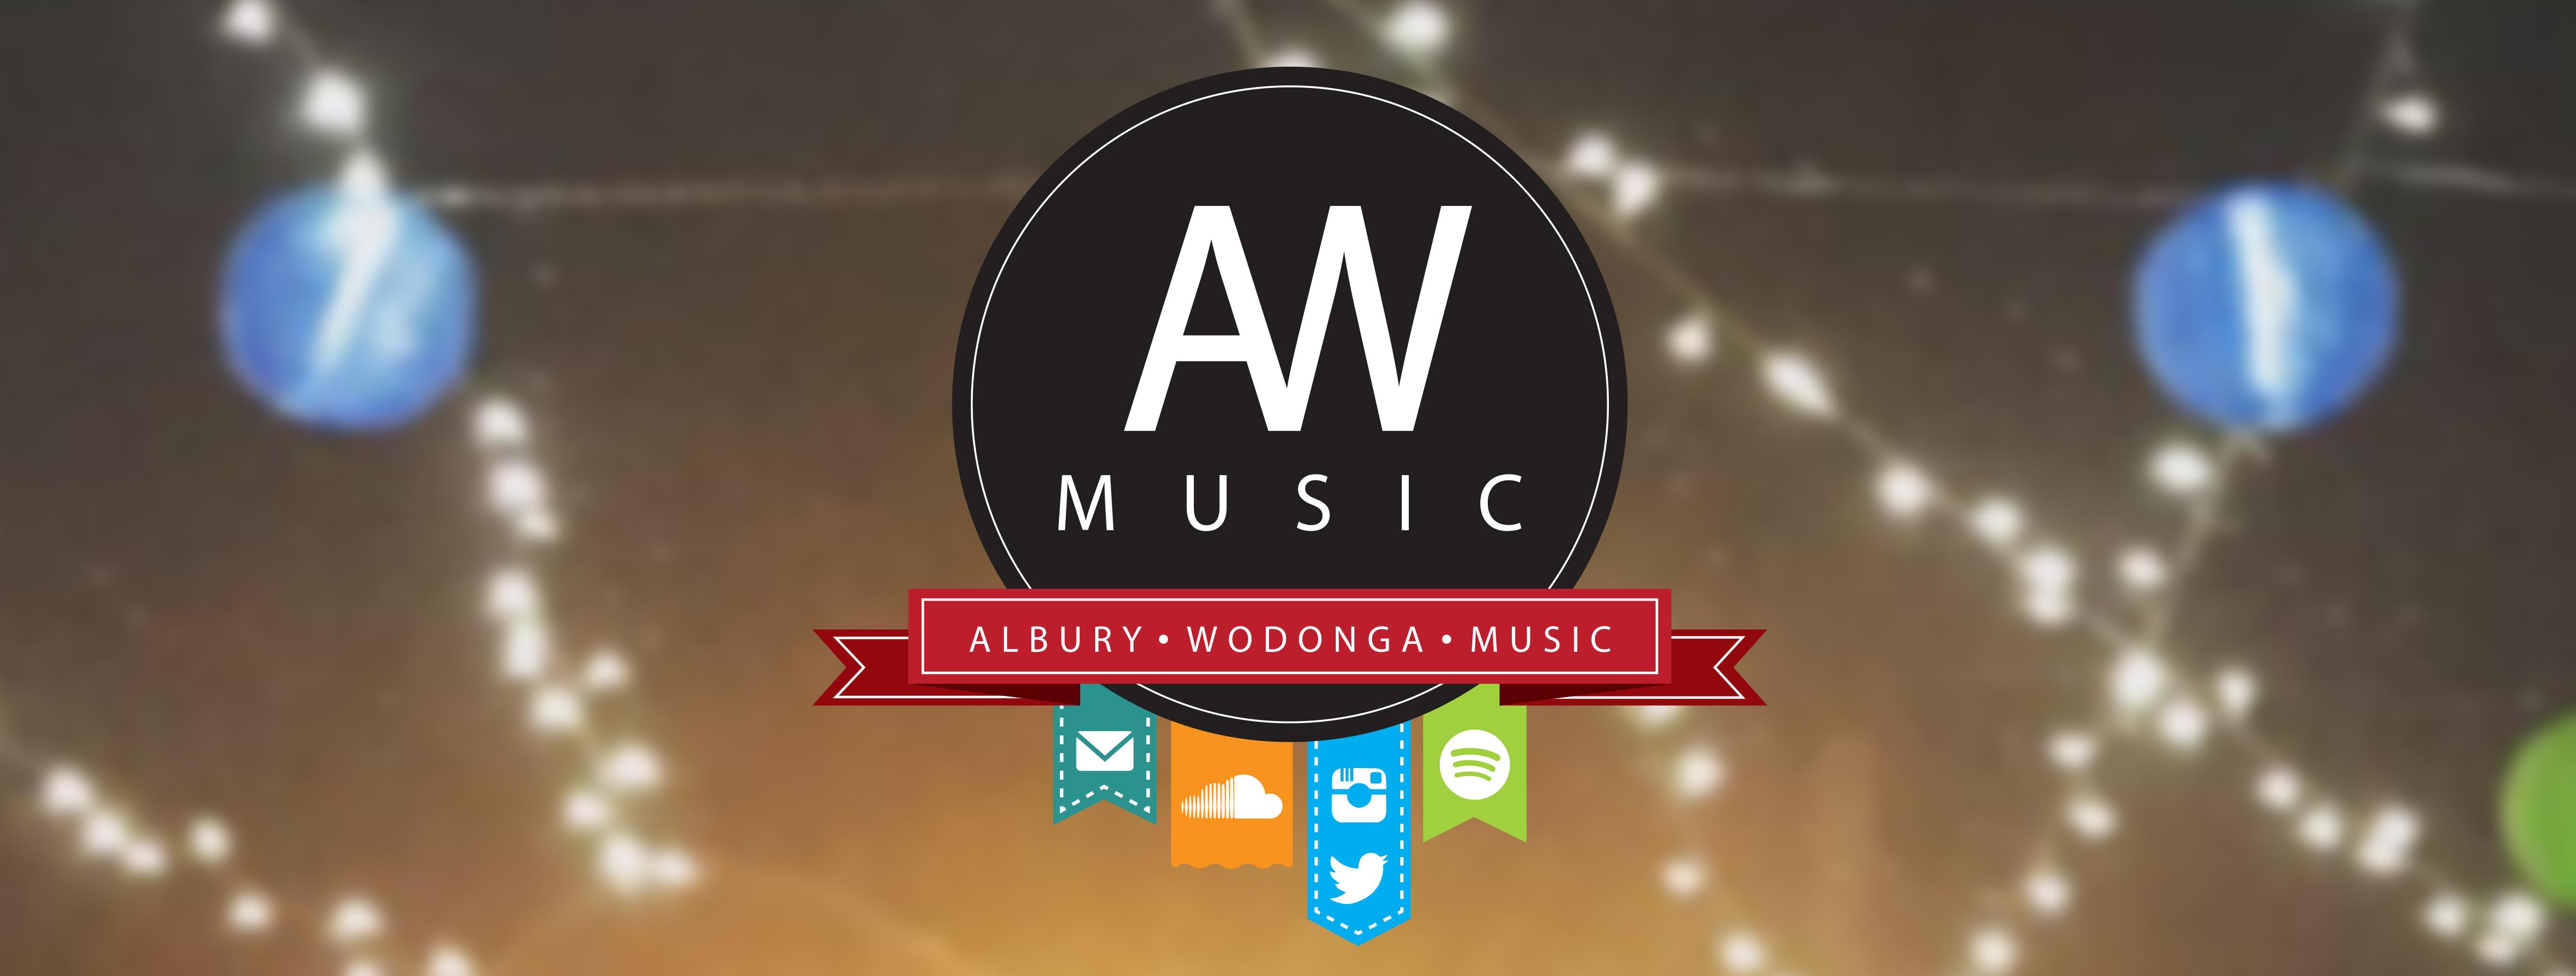 ALBURY / WODONGA MUSIC: NEWS